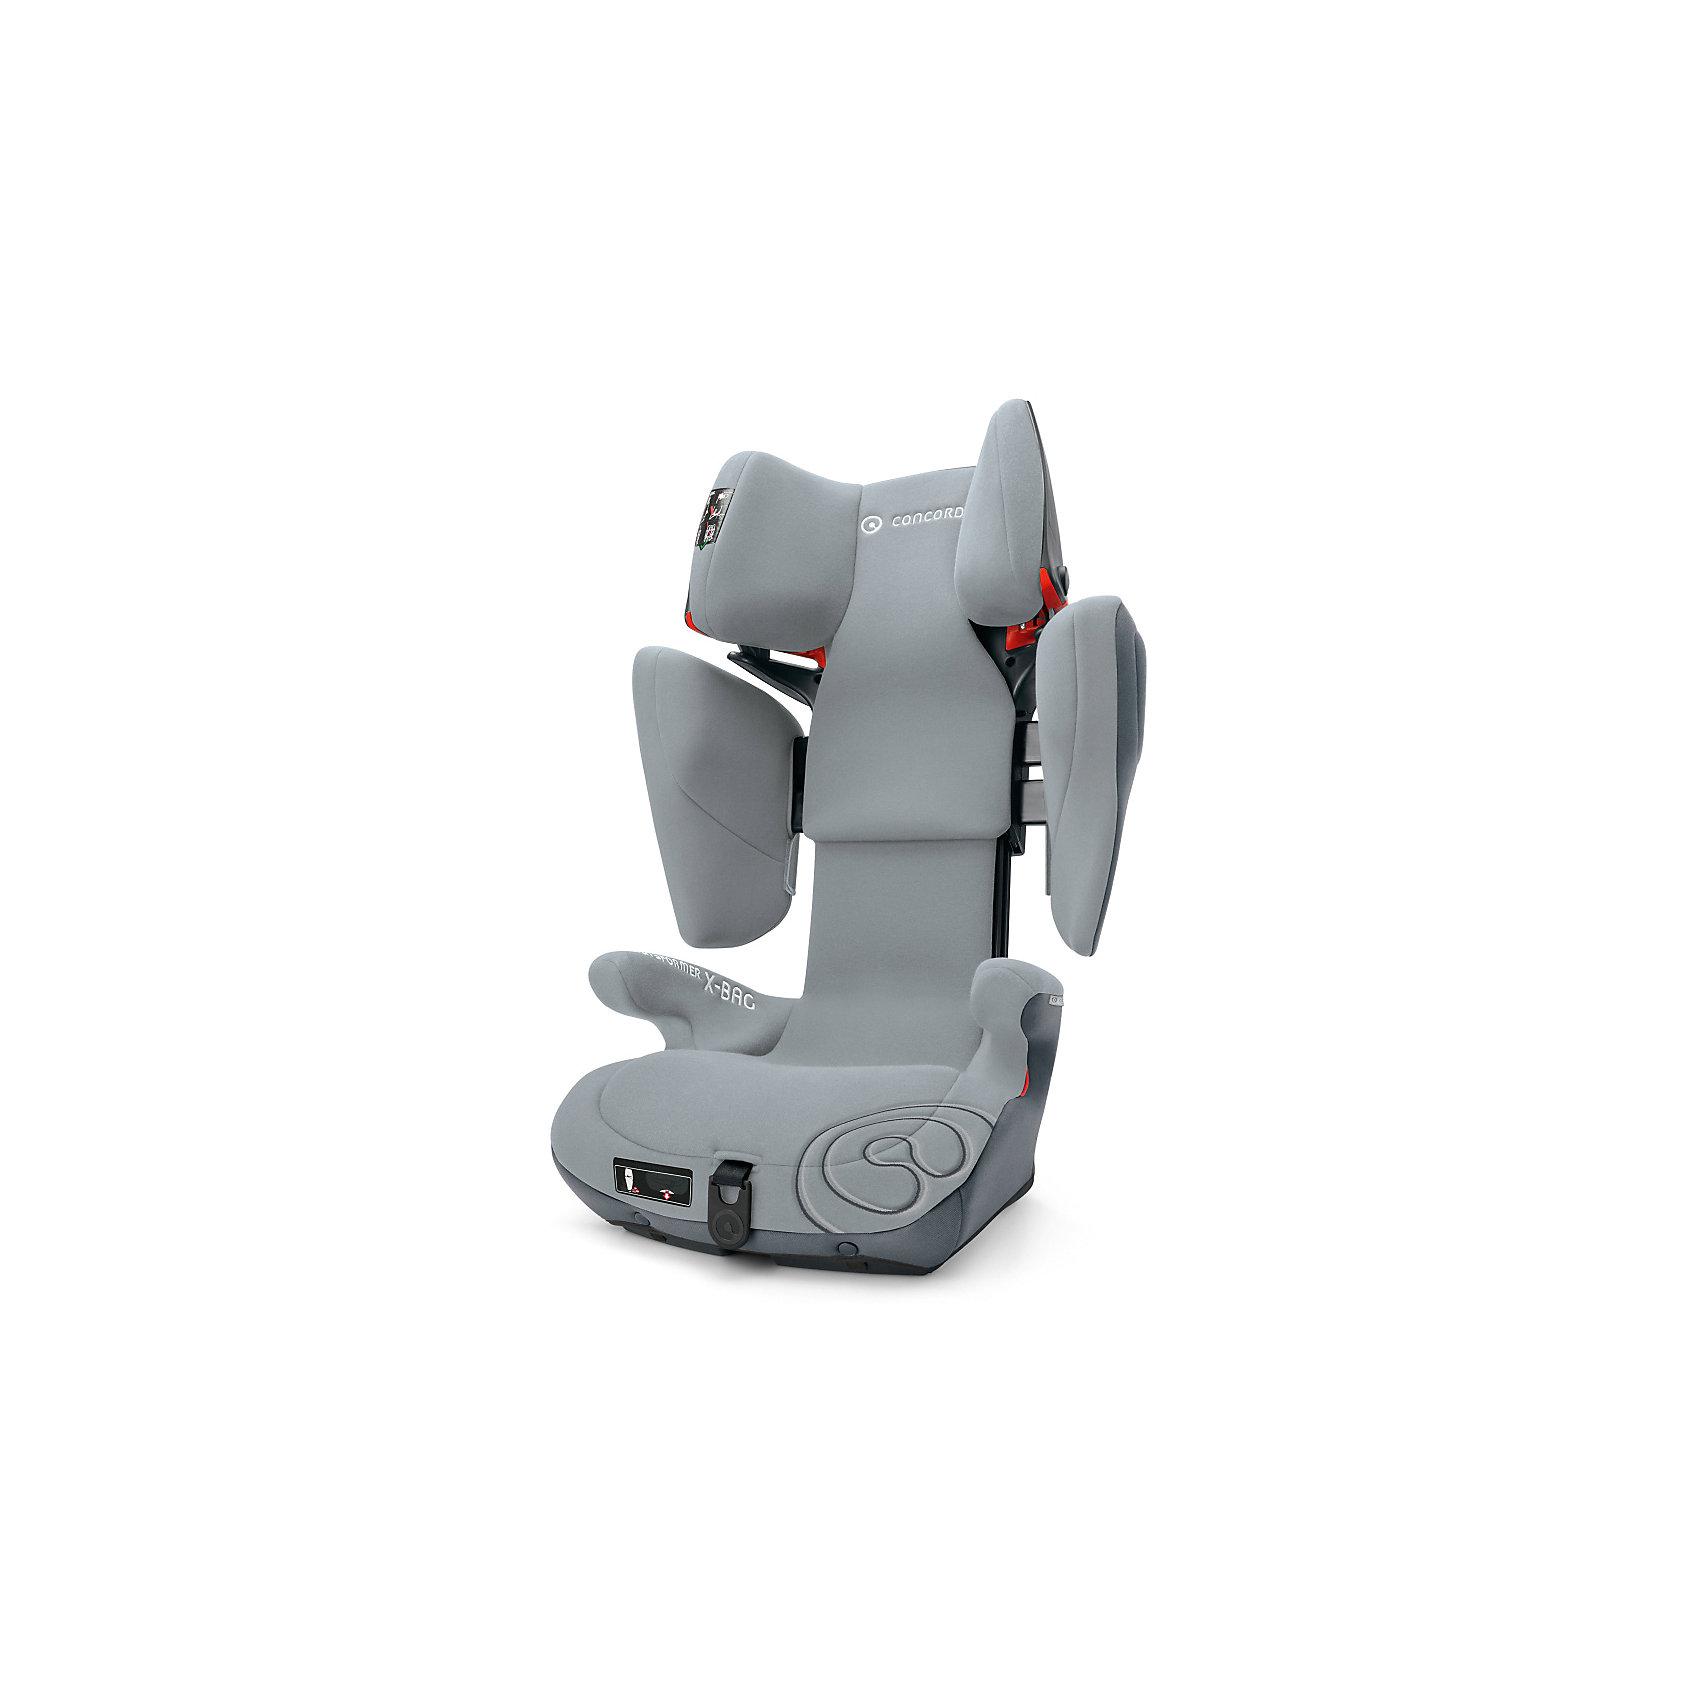 Автокресло Concord Transformer X-BAG, 15-36 кг, Graphite GreyГруппа 2-3 (От 15 до 36 кг)<br>Характеристики автокресла:<br><br>• группа 2-3;<br>• возраст ребенка: от 3 до 12 лет;<br>• вес ребенка: 15-36 кг;<br>• способ установки: по ходу движения автомобиля;<br>• 2 способа крепления: система IsoFix или штатные ремни безопасности;<br>• компактный ударопрочный каркас;<br>• защита от боковых ударов;<br>• регулировка наклона спинки;<br>• регулировка подголовника;<br>• регулировка размера кресла;<br>• ортопедические свойства спинки и основания;<br>• встроенный пневмопривод;<br>• размер автокресла: 46х45х64 см;<br>• высота подголовника: 62-82 см;<br>• вес автокресла: 9,7 кг;<br>• материал: пластик, полиэстер;<br>• стандарт безопасности: ECE R44/04.<br><br>Автокресло Transformer X-BAG, 15-36 кг, Concord, Graphite Grey можно купить в нашем интернет-магазине.<br><br>Ширина мм: 450<br>Глубина мм: 450<br>Высота мм: 640<br>Вес г: 9700<br>Цвет: серый<br>Возраст от месяцев: 36<br>Возраст до месяцев: 144<br>Пол: Унисекс<br>Возраст: Детский<br>SKU: 5485166